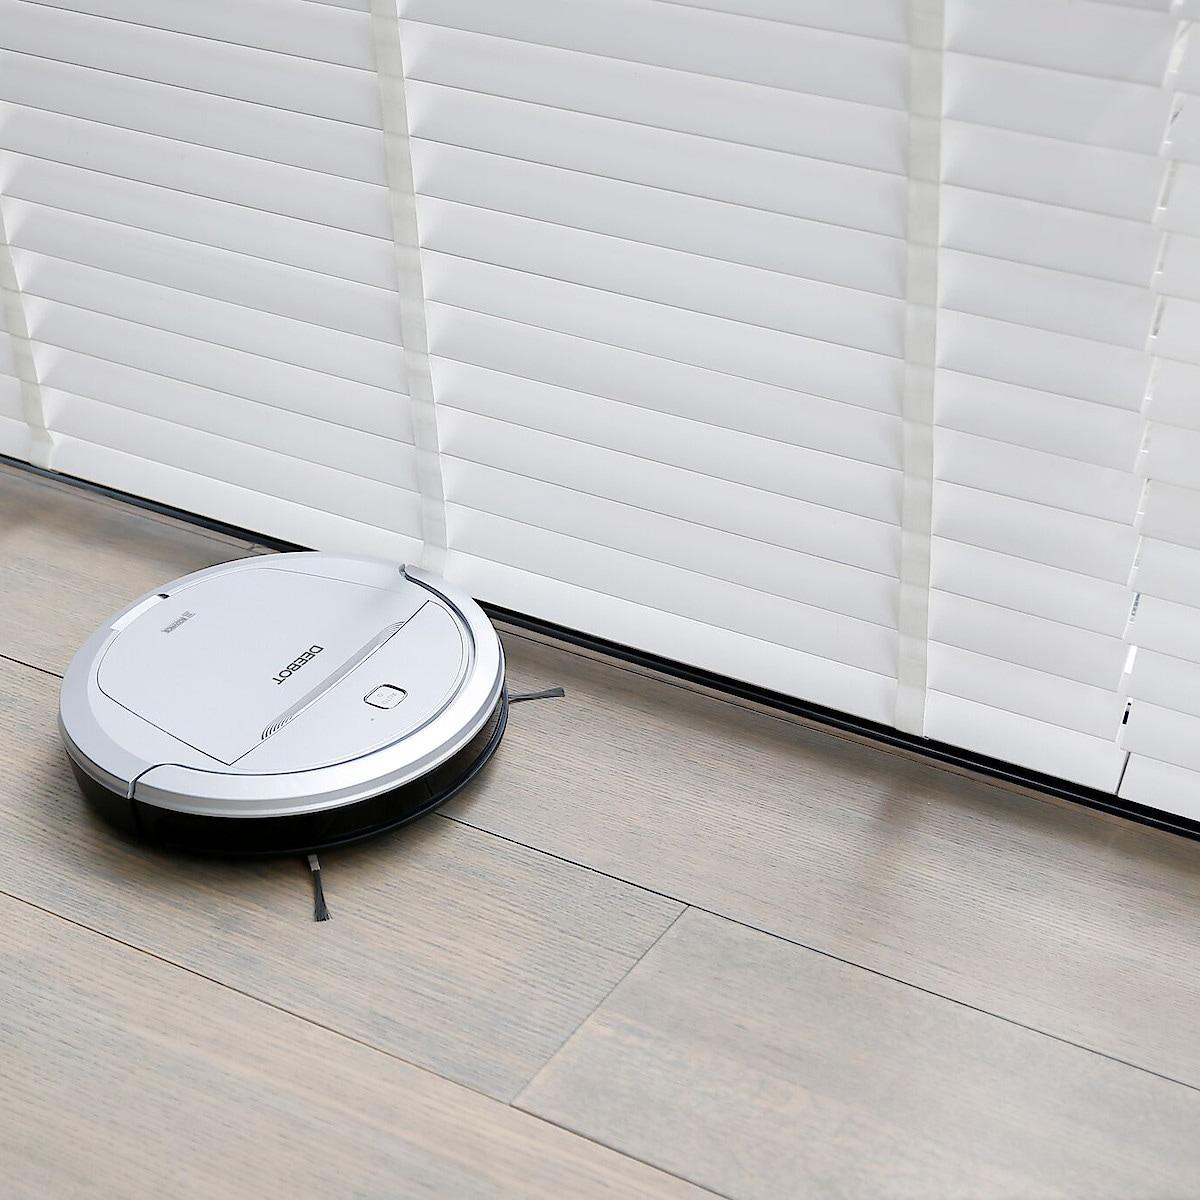 Staubsaugerroboter Ecovacs Deebot M81Pro